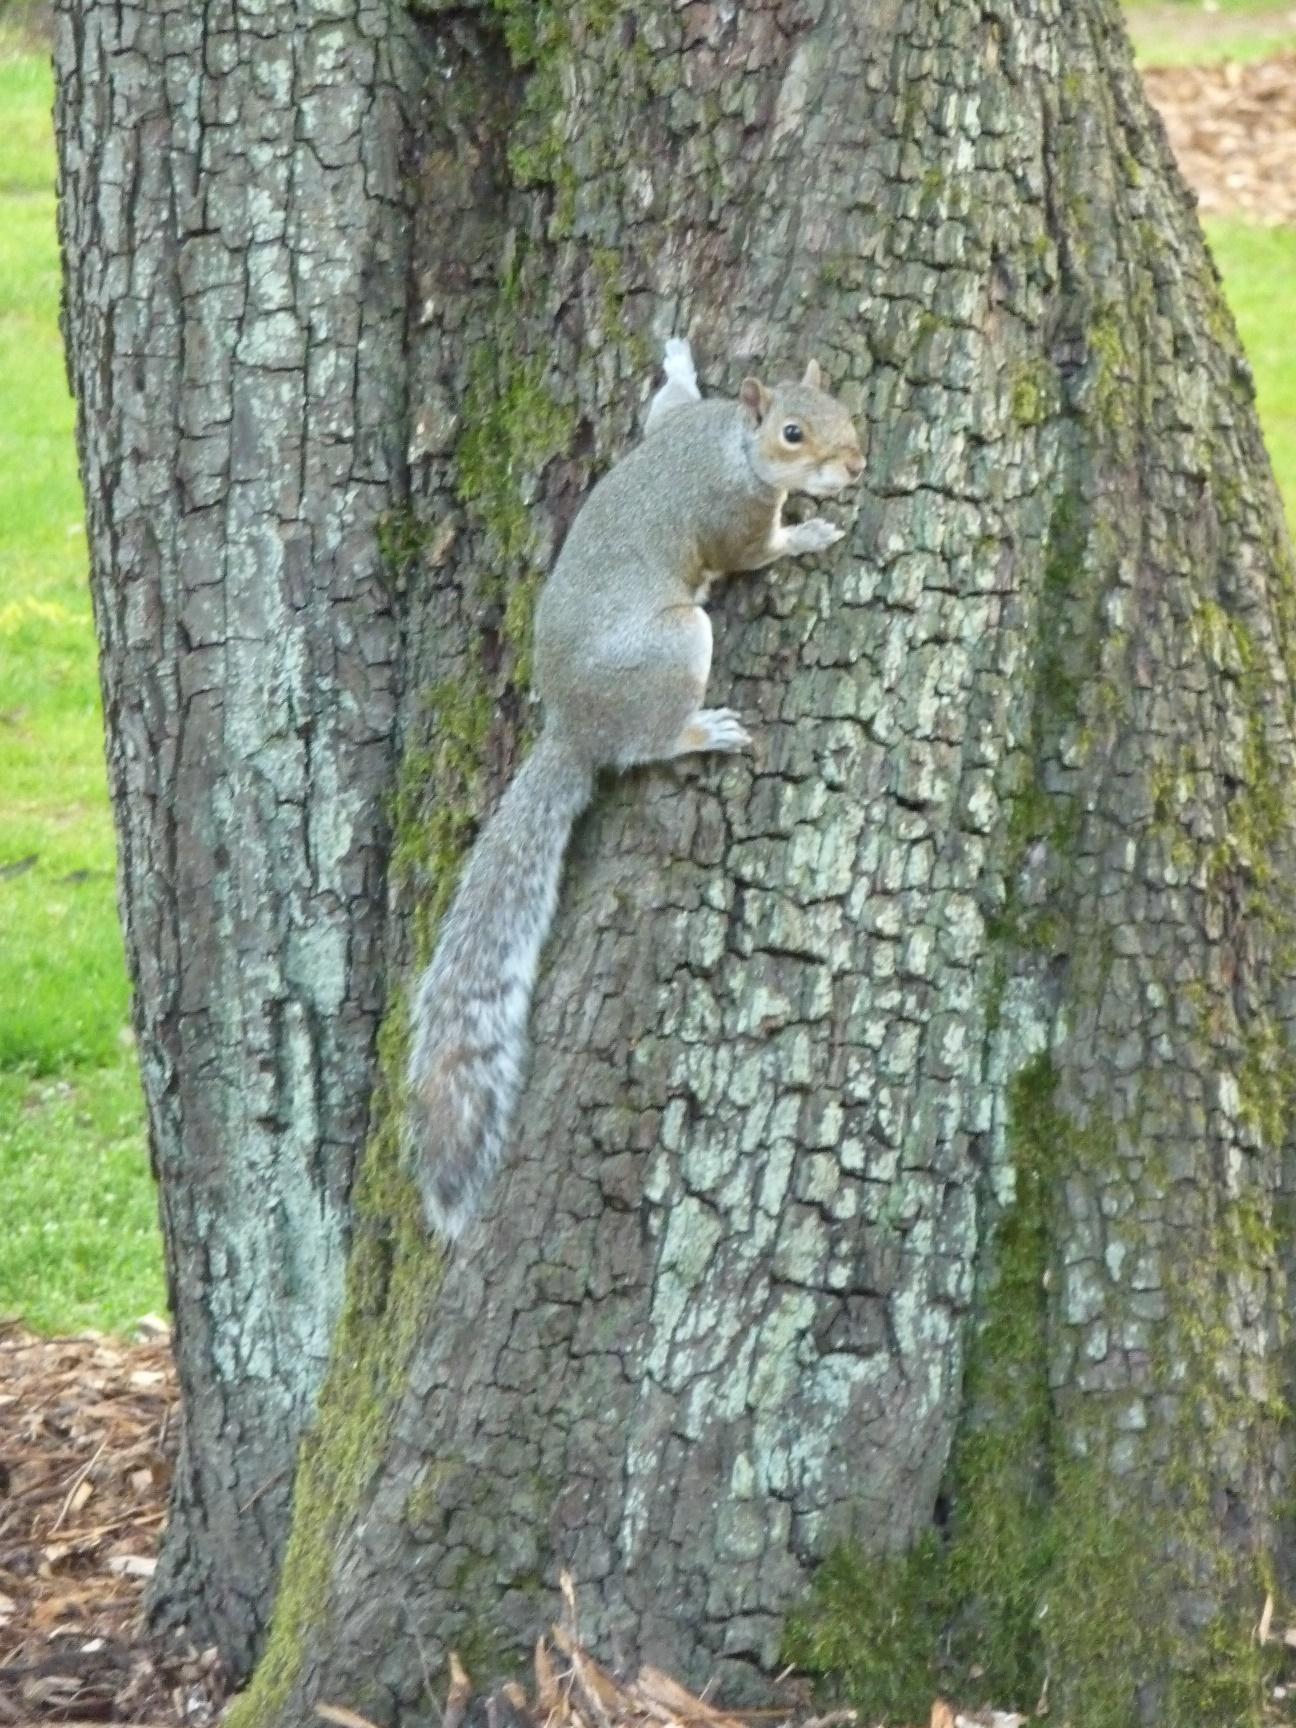 Squirrel at Botanic Gardens